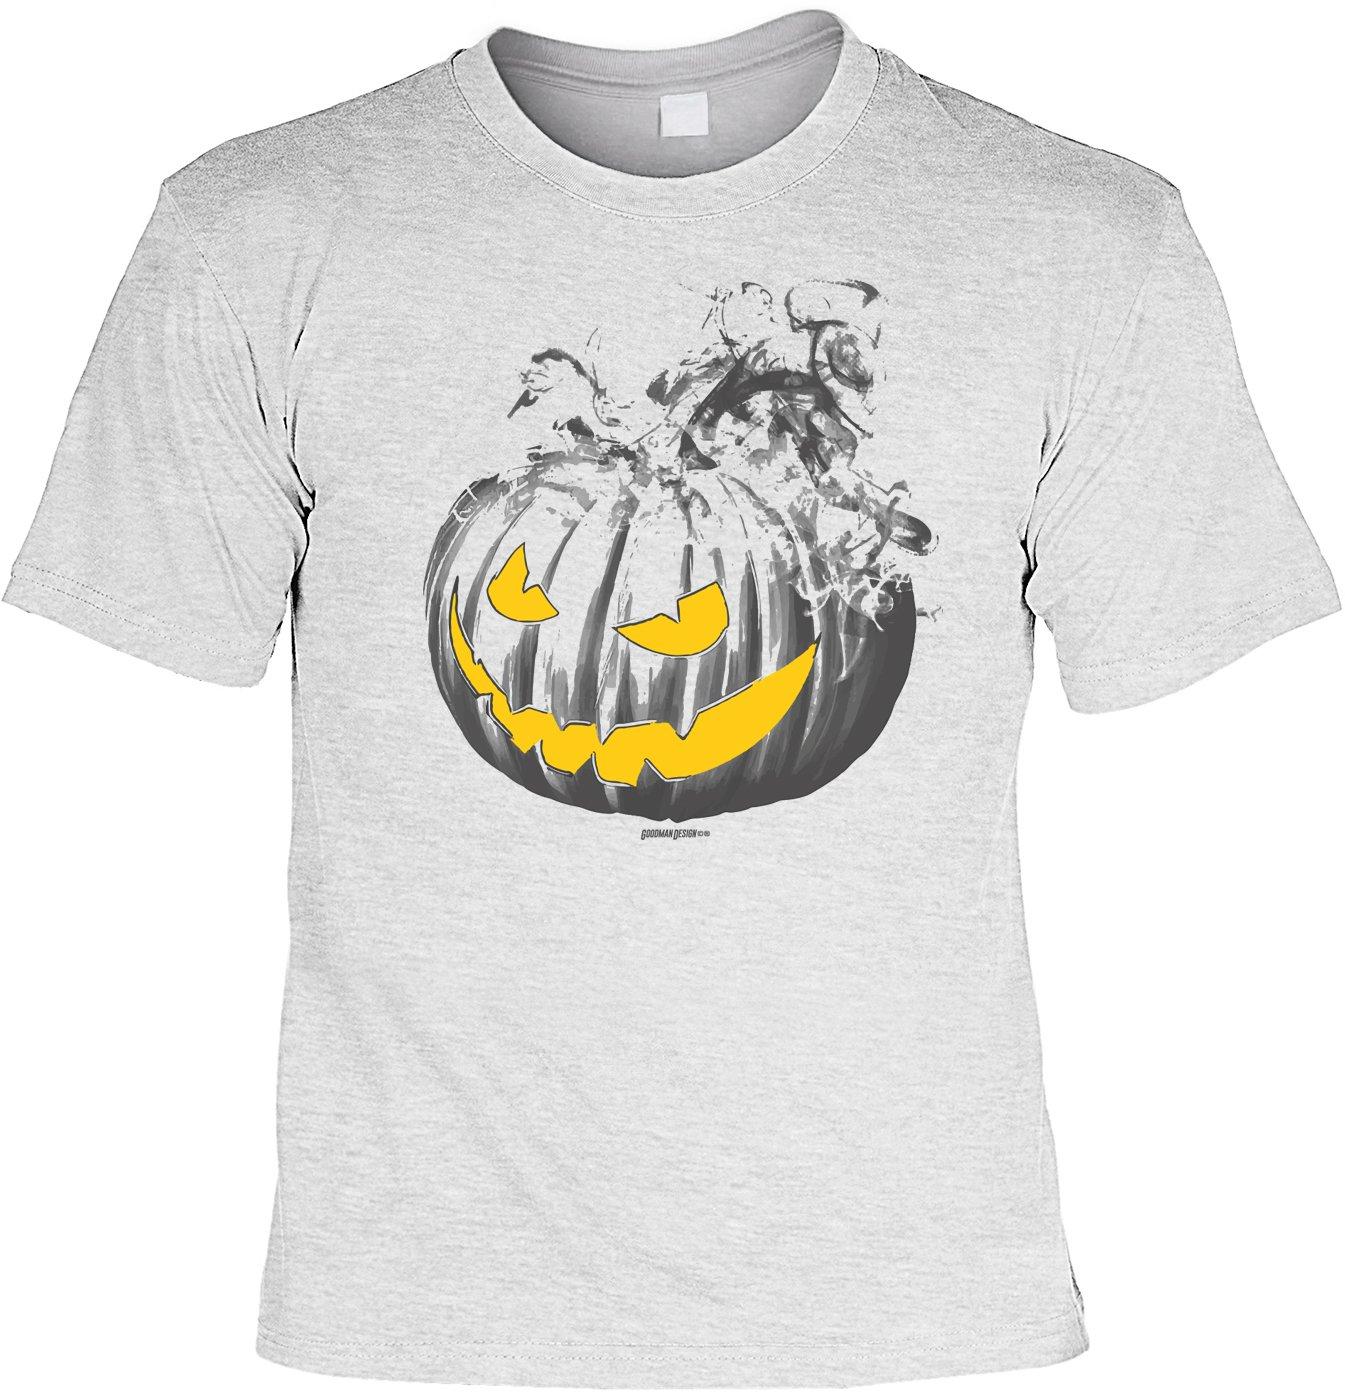 Full Size of Coole Tshirt Sprüche Englisch Coole Tshirt Sprüche Für Kinder Coole Sprüche Für Auf T Shirt Coole Sprüche Auf T Shirt Küche Coole T Shirt Sprüche